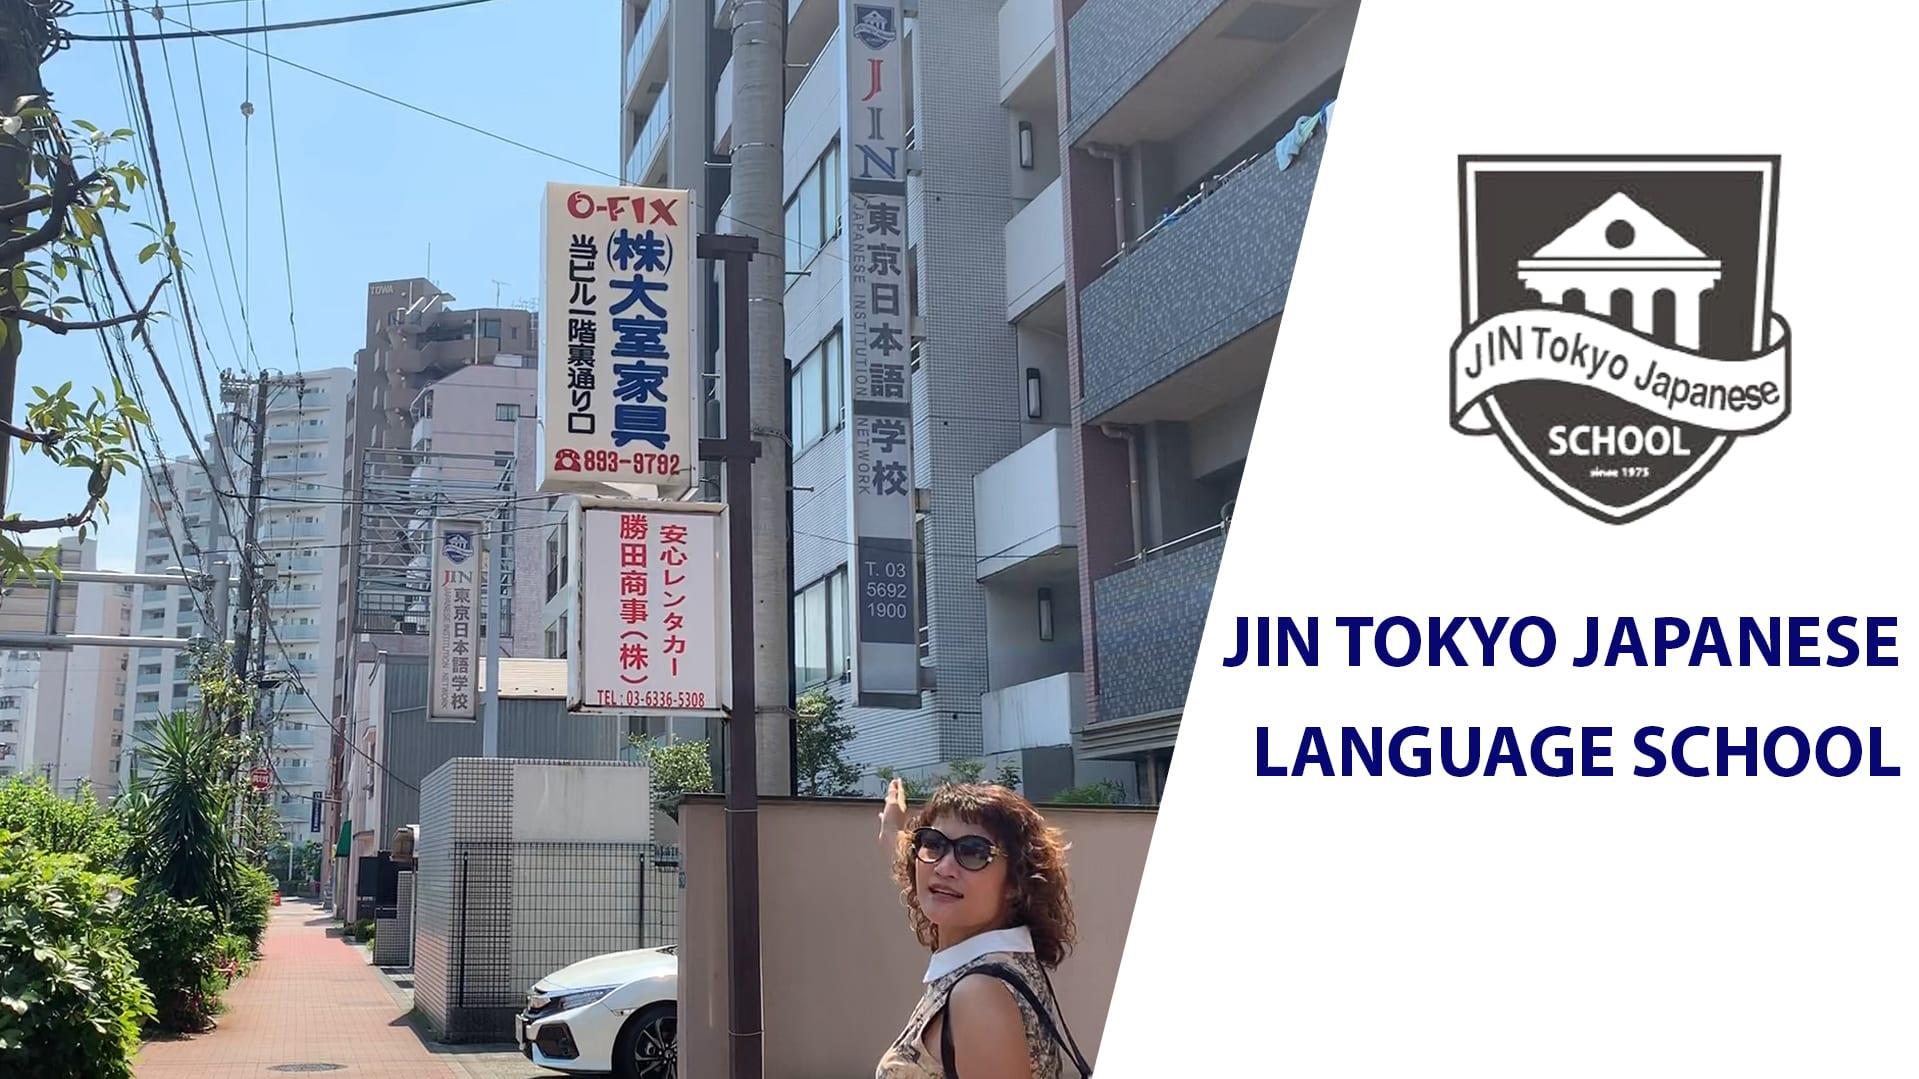 Giới thiệu trường Jin Tokyo Japanese